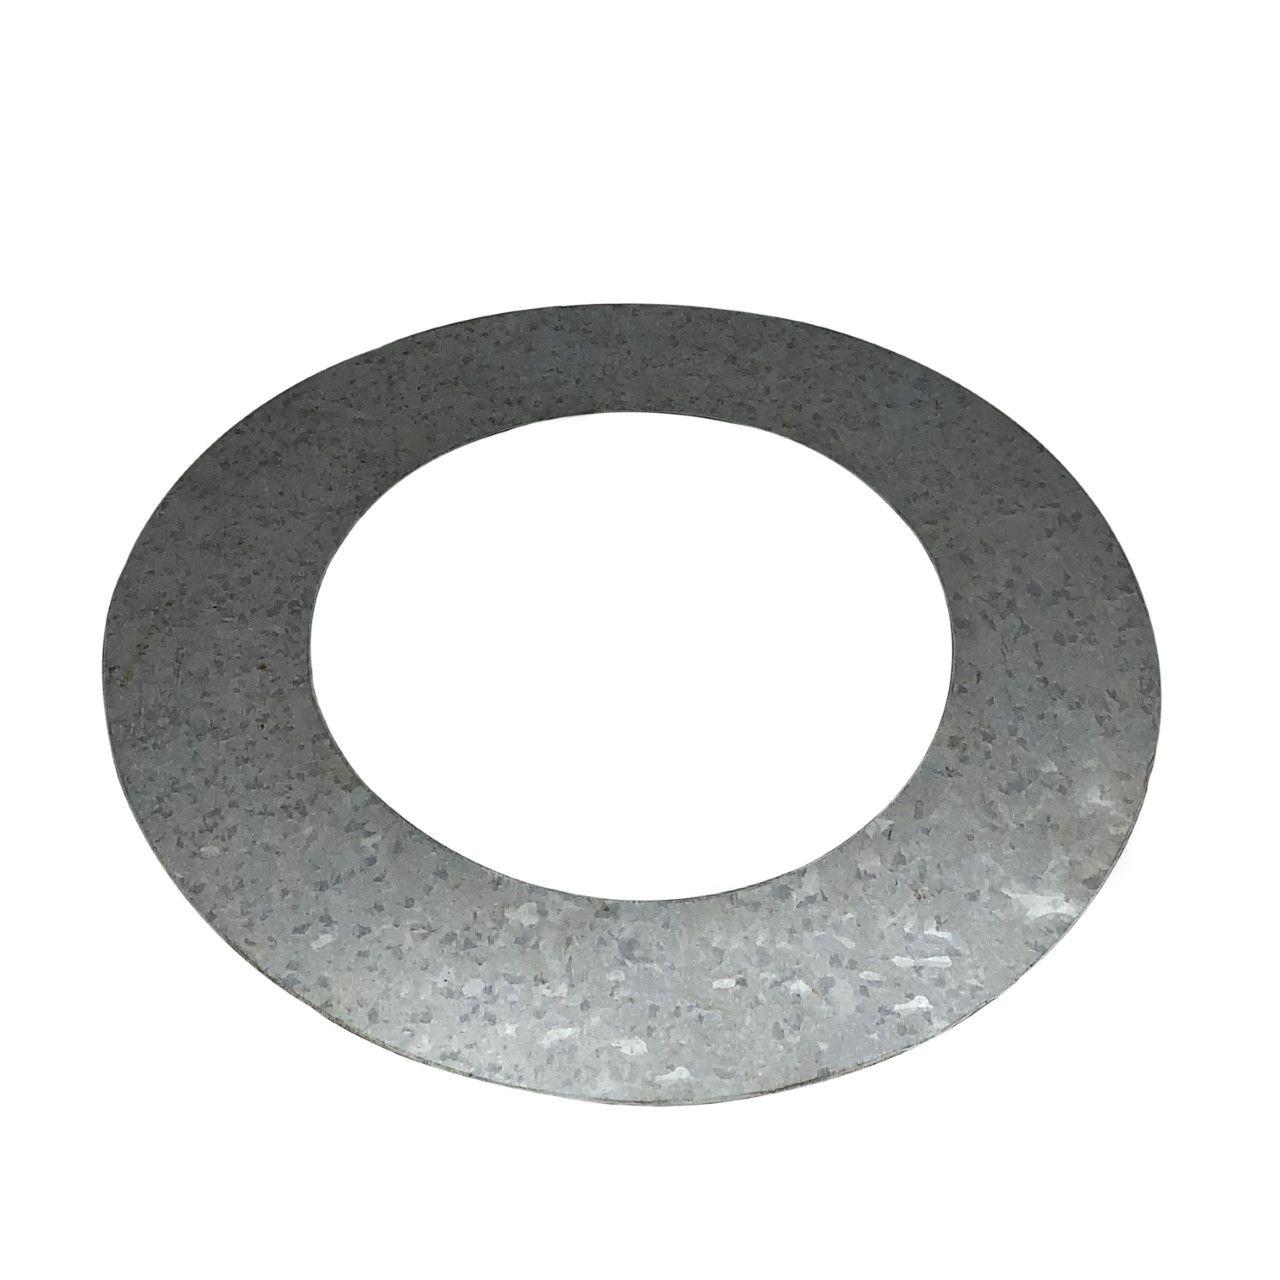 Anel de acabamento galvanizado para laje ou parede para dutos de 230 mm de diâmetro  - Galvocalhas